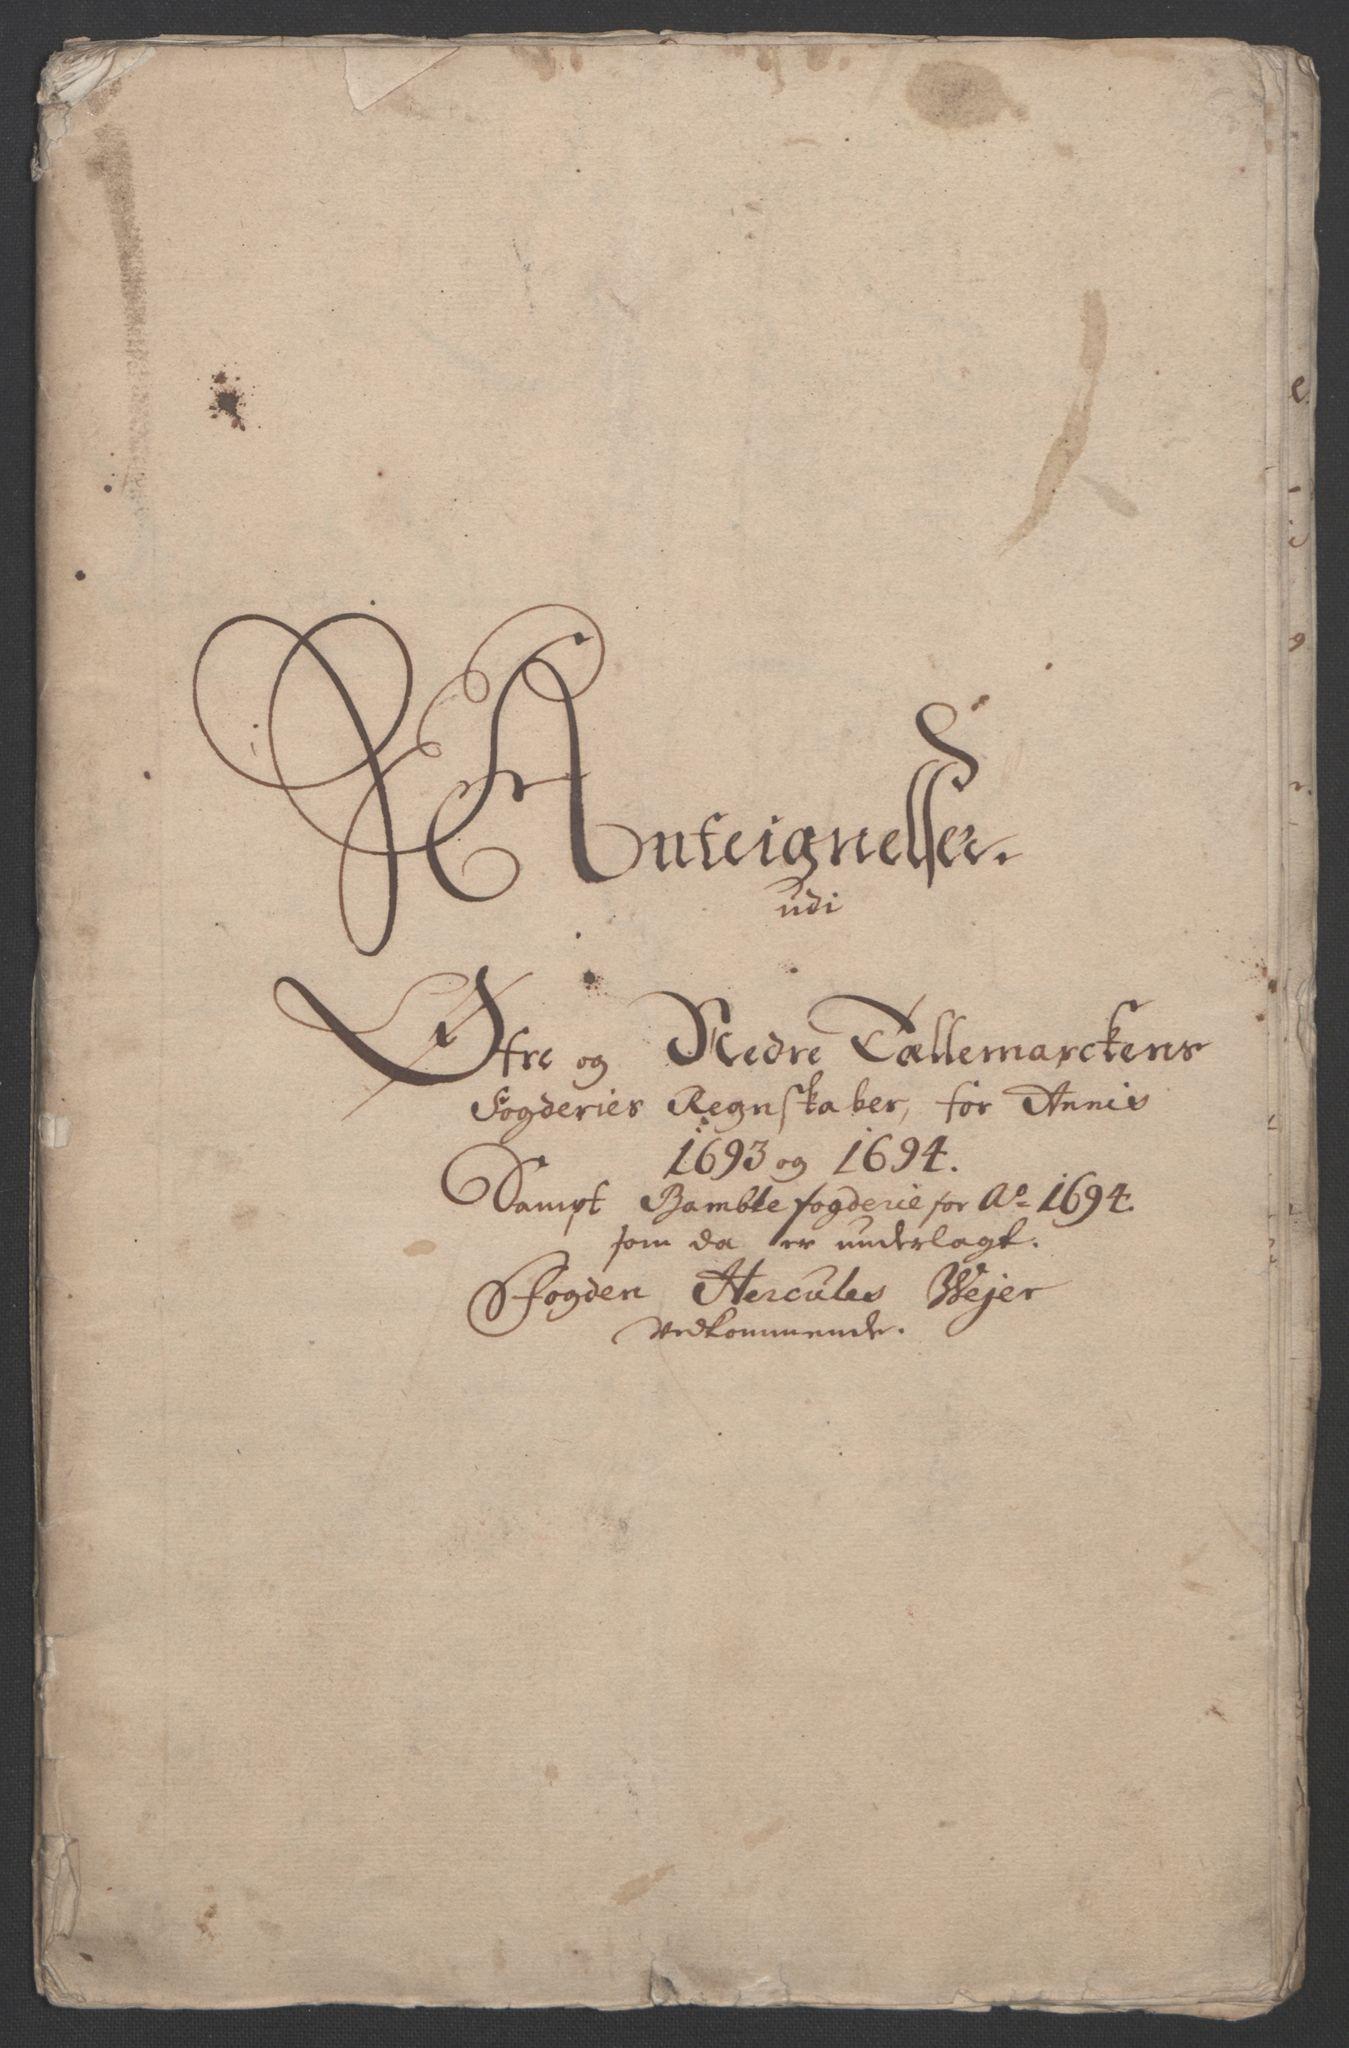 RA, Rentekammeret inntil 1814, Reviderte regnskaper, Fogderegnskap, R36/L2092: Fogderegnskap Øvre og Nedre Telemark og Bamble, 1694, s. 275